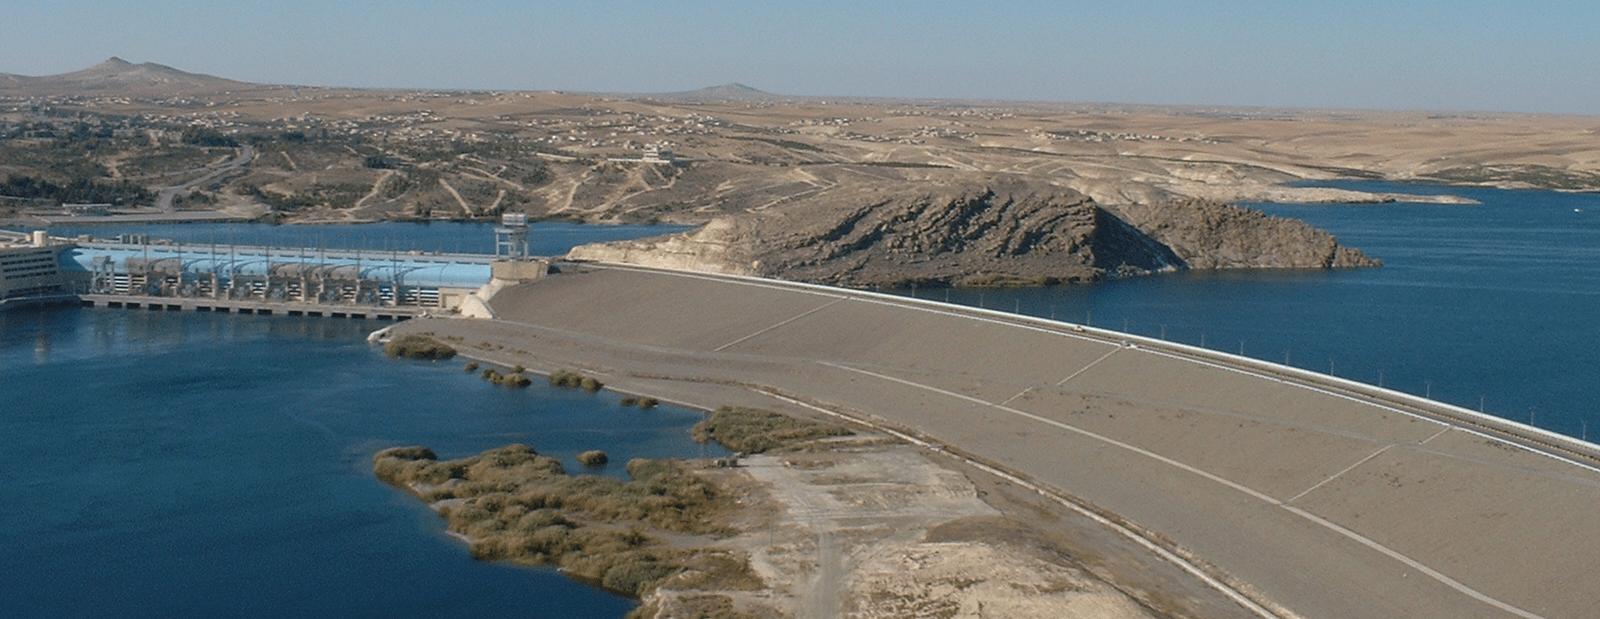 Tishreen Dam